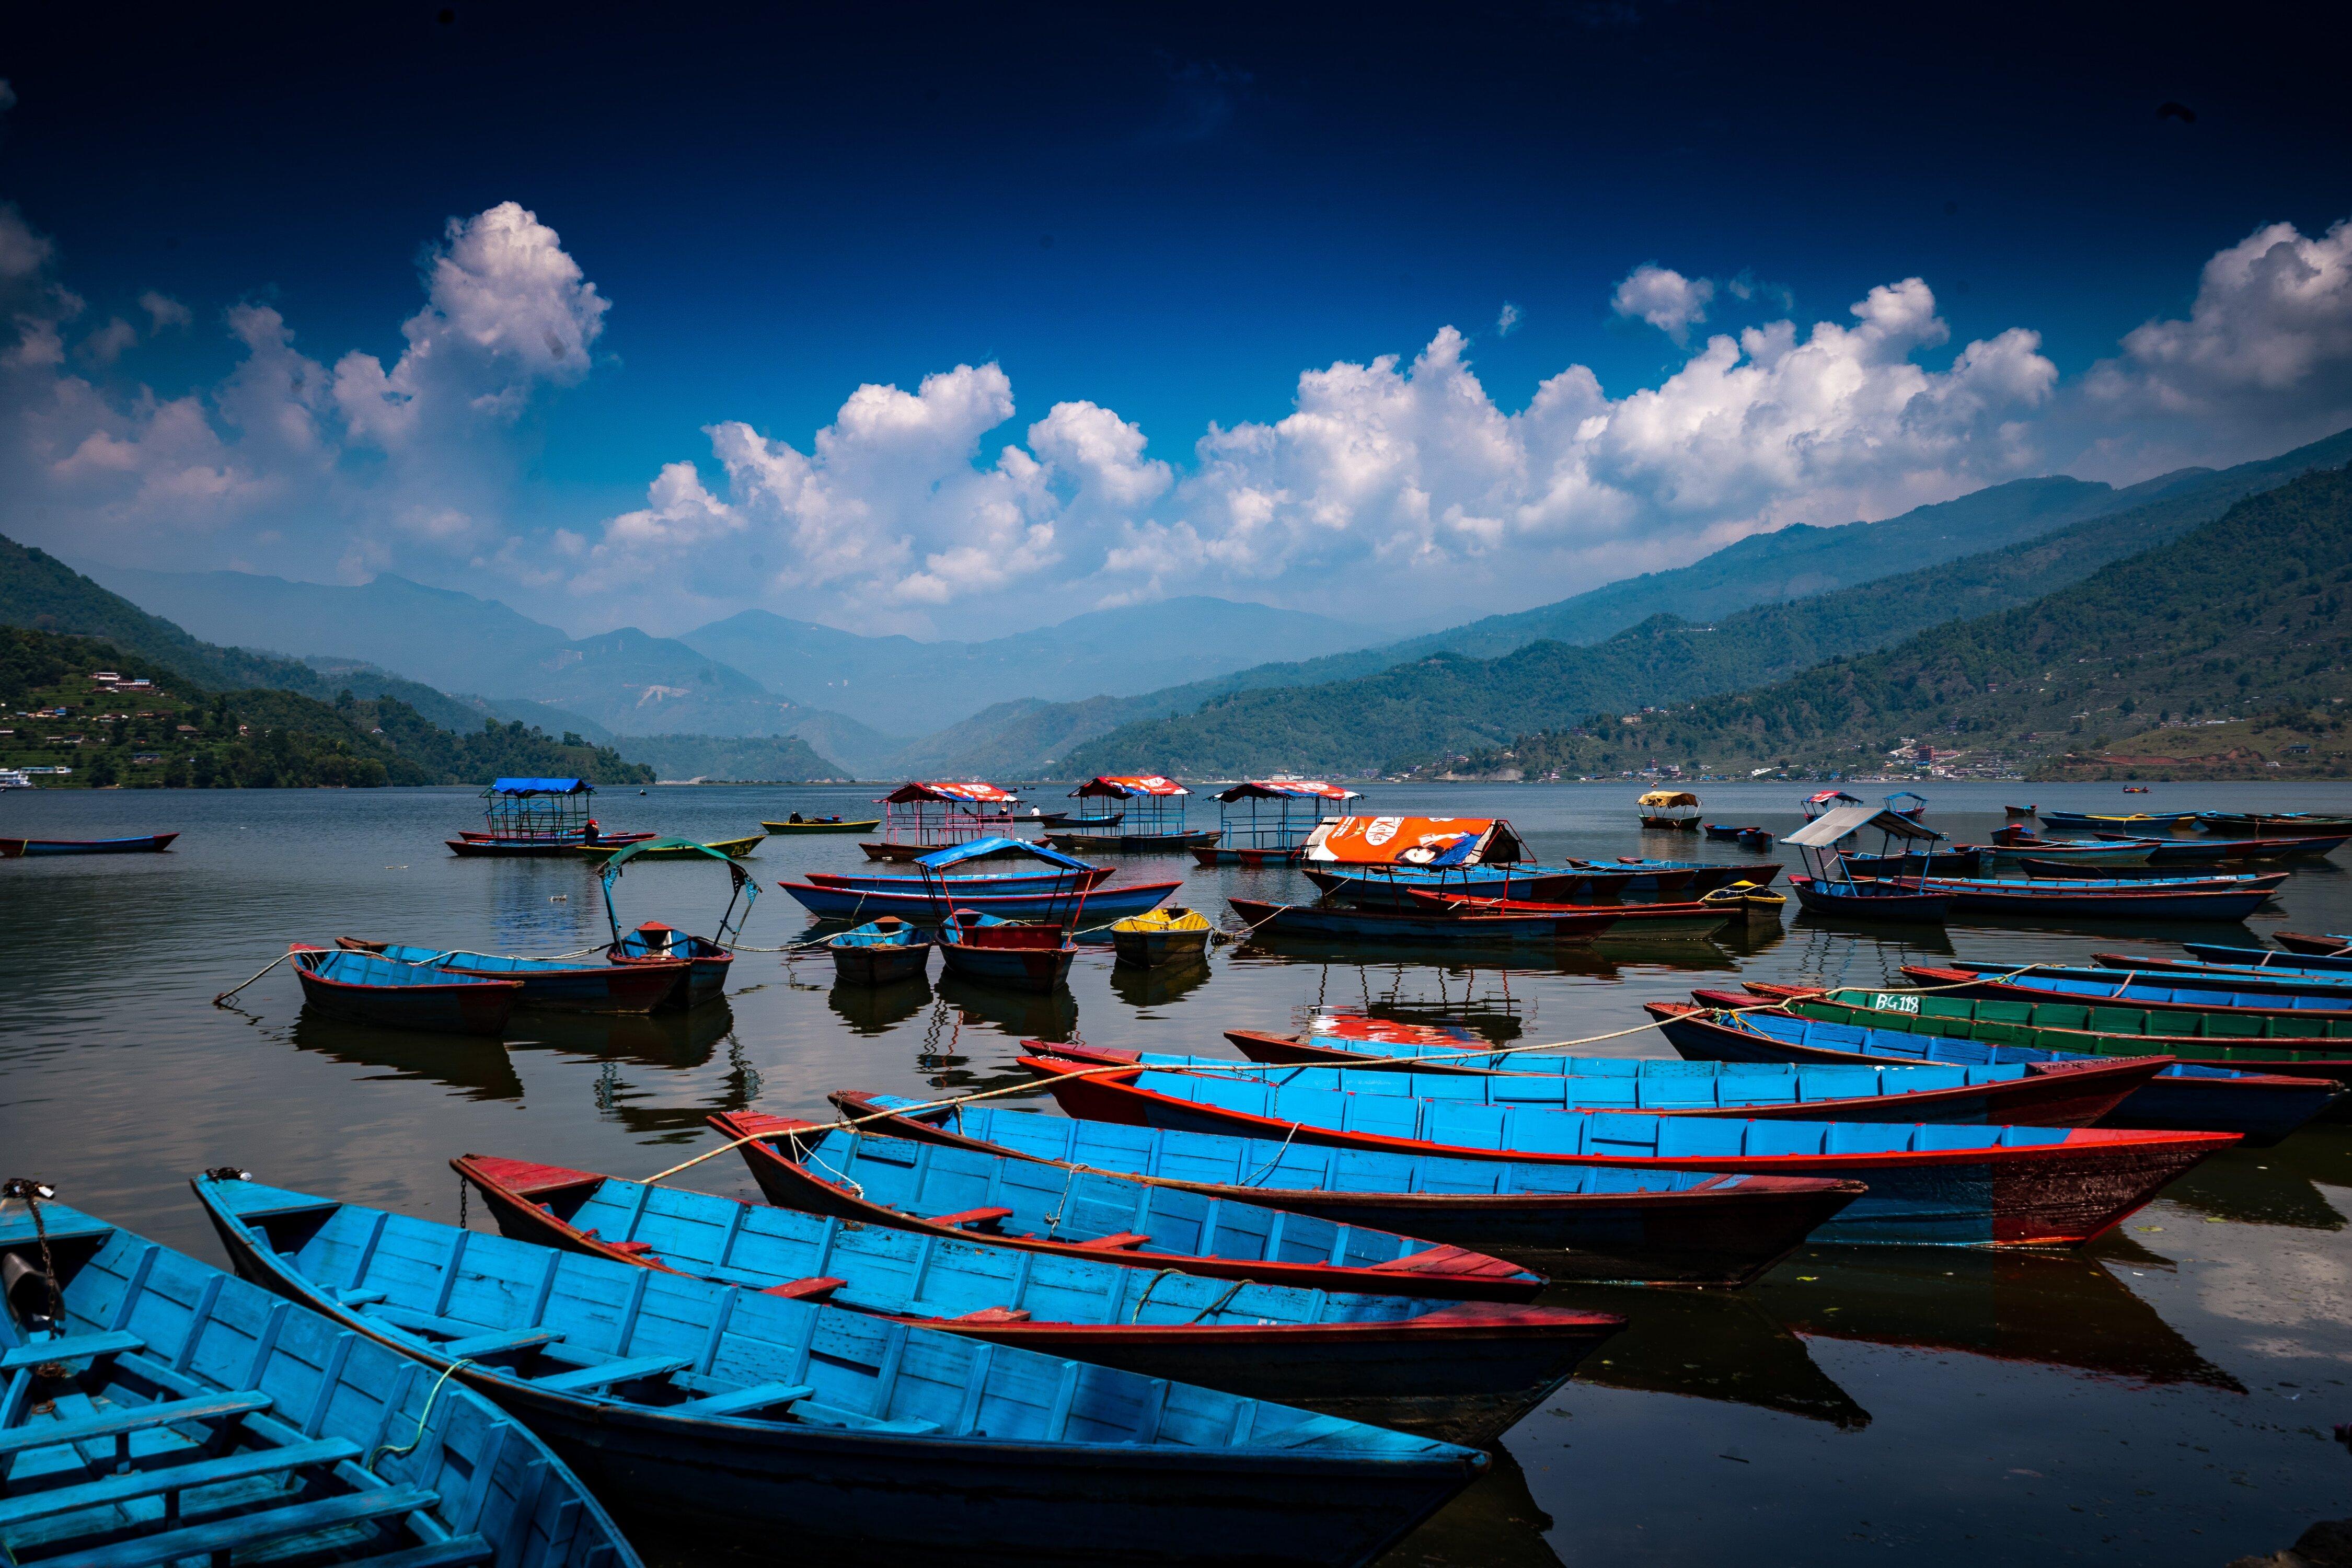 Pokhara (PKR)